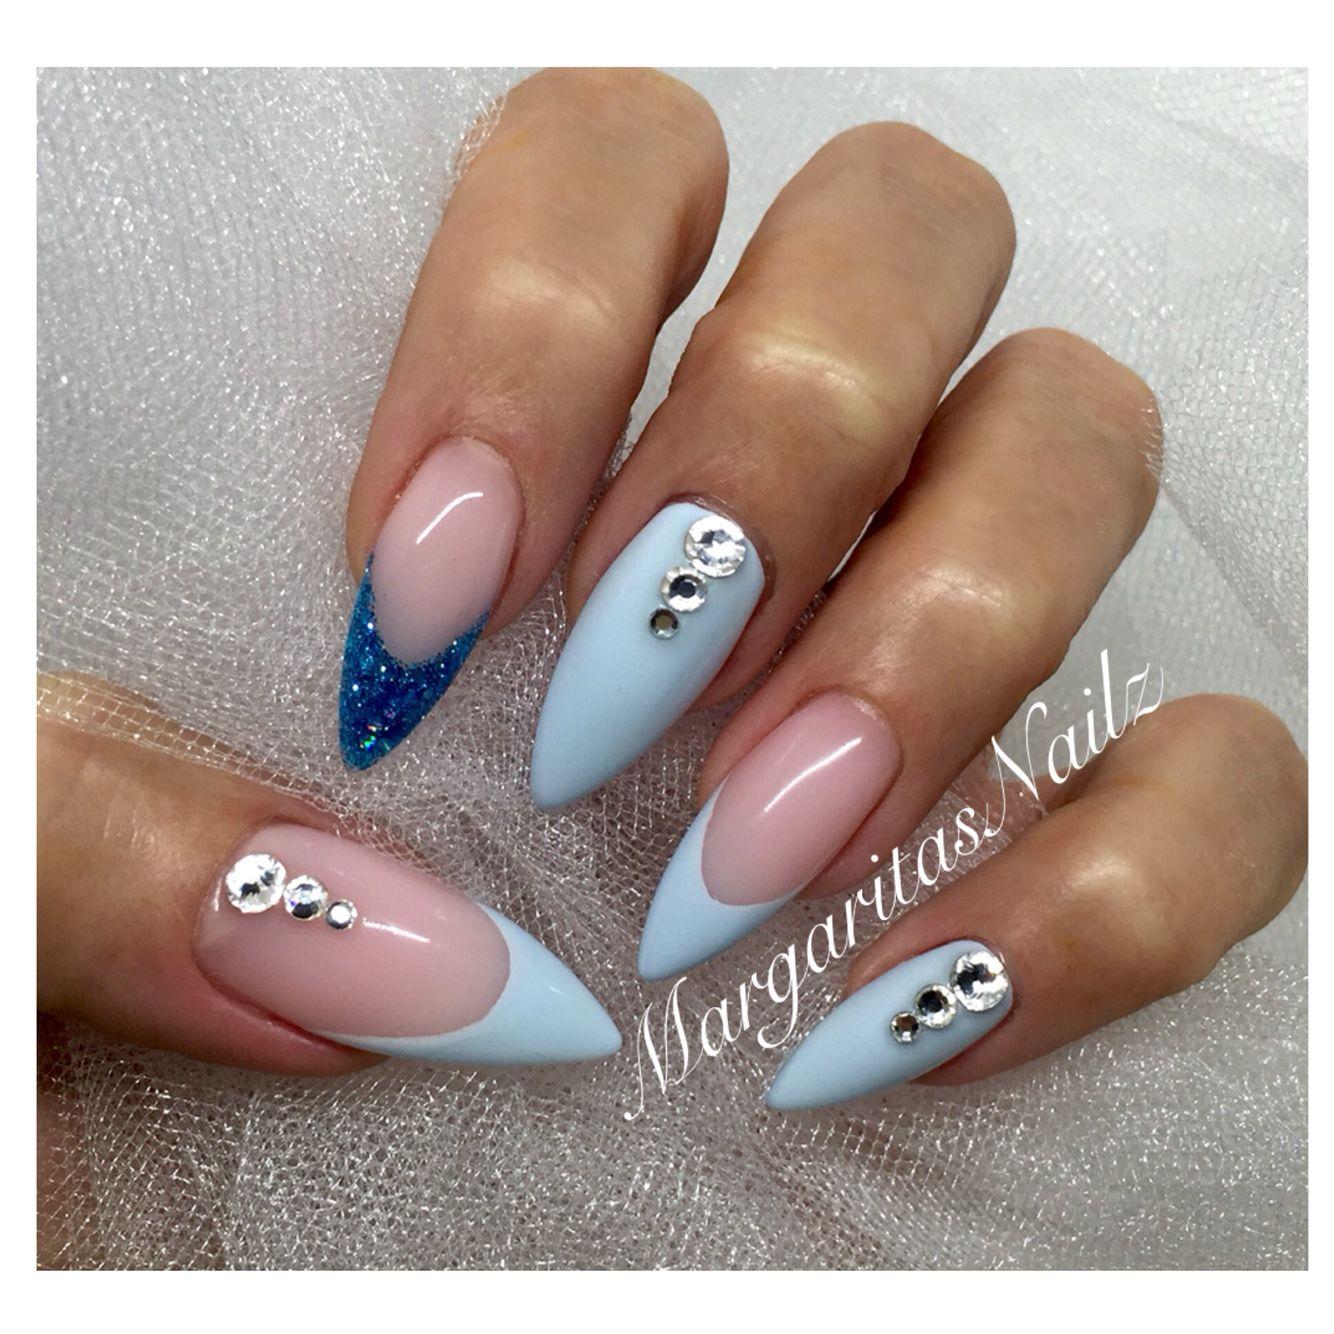 baby blue stiletto nails margaritasnailz lovely hands